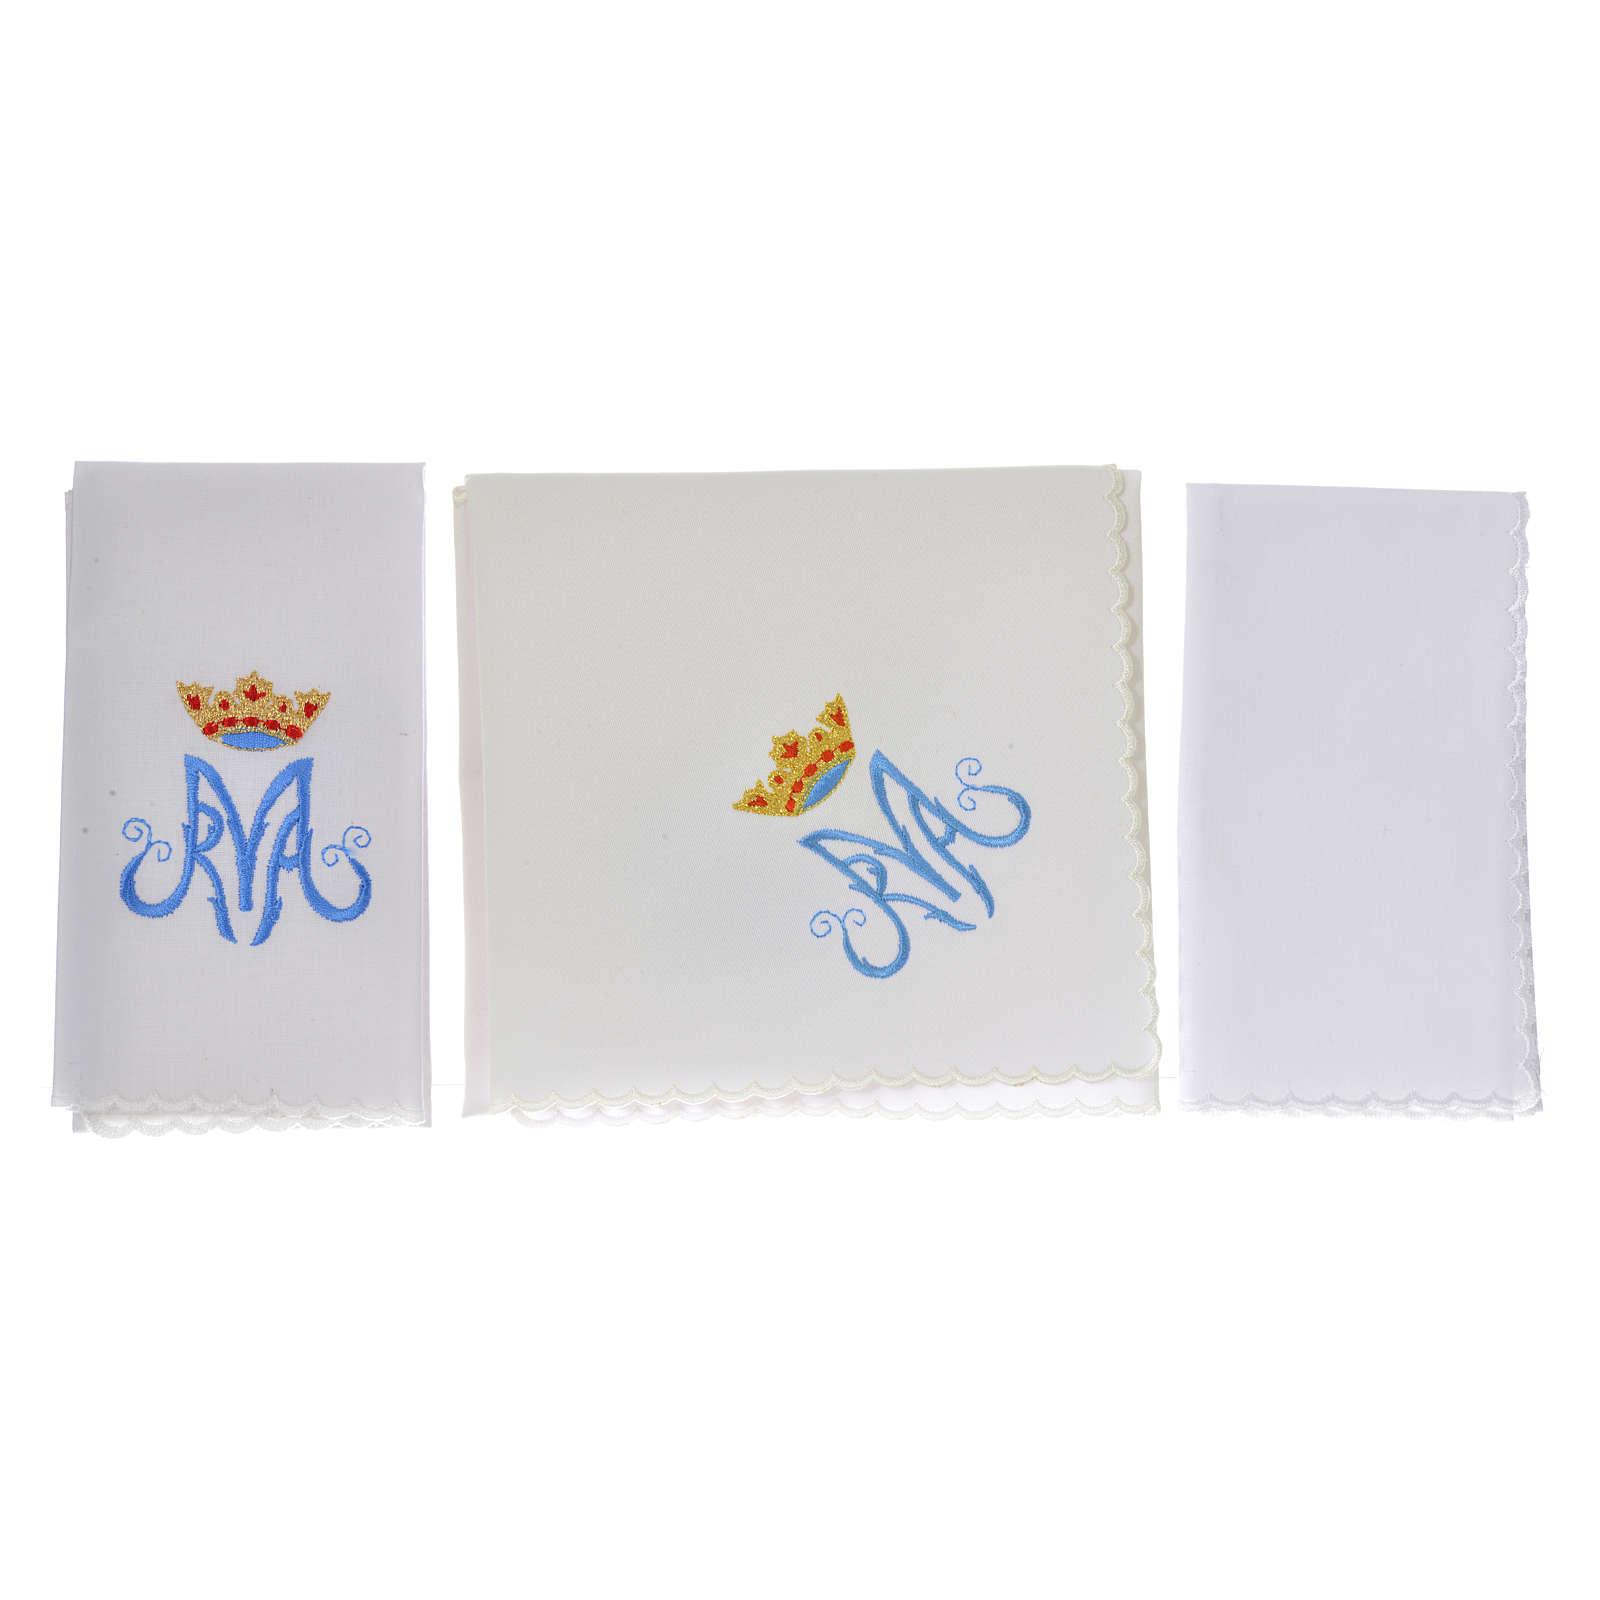 Conjunto de altar bordado símbolo mariano M 4